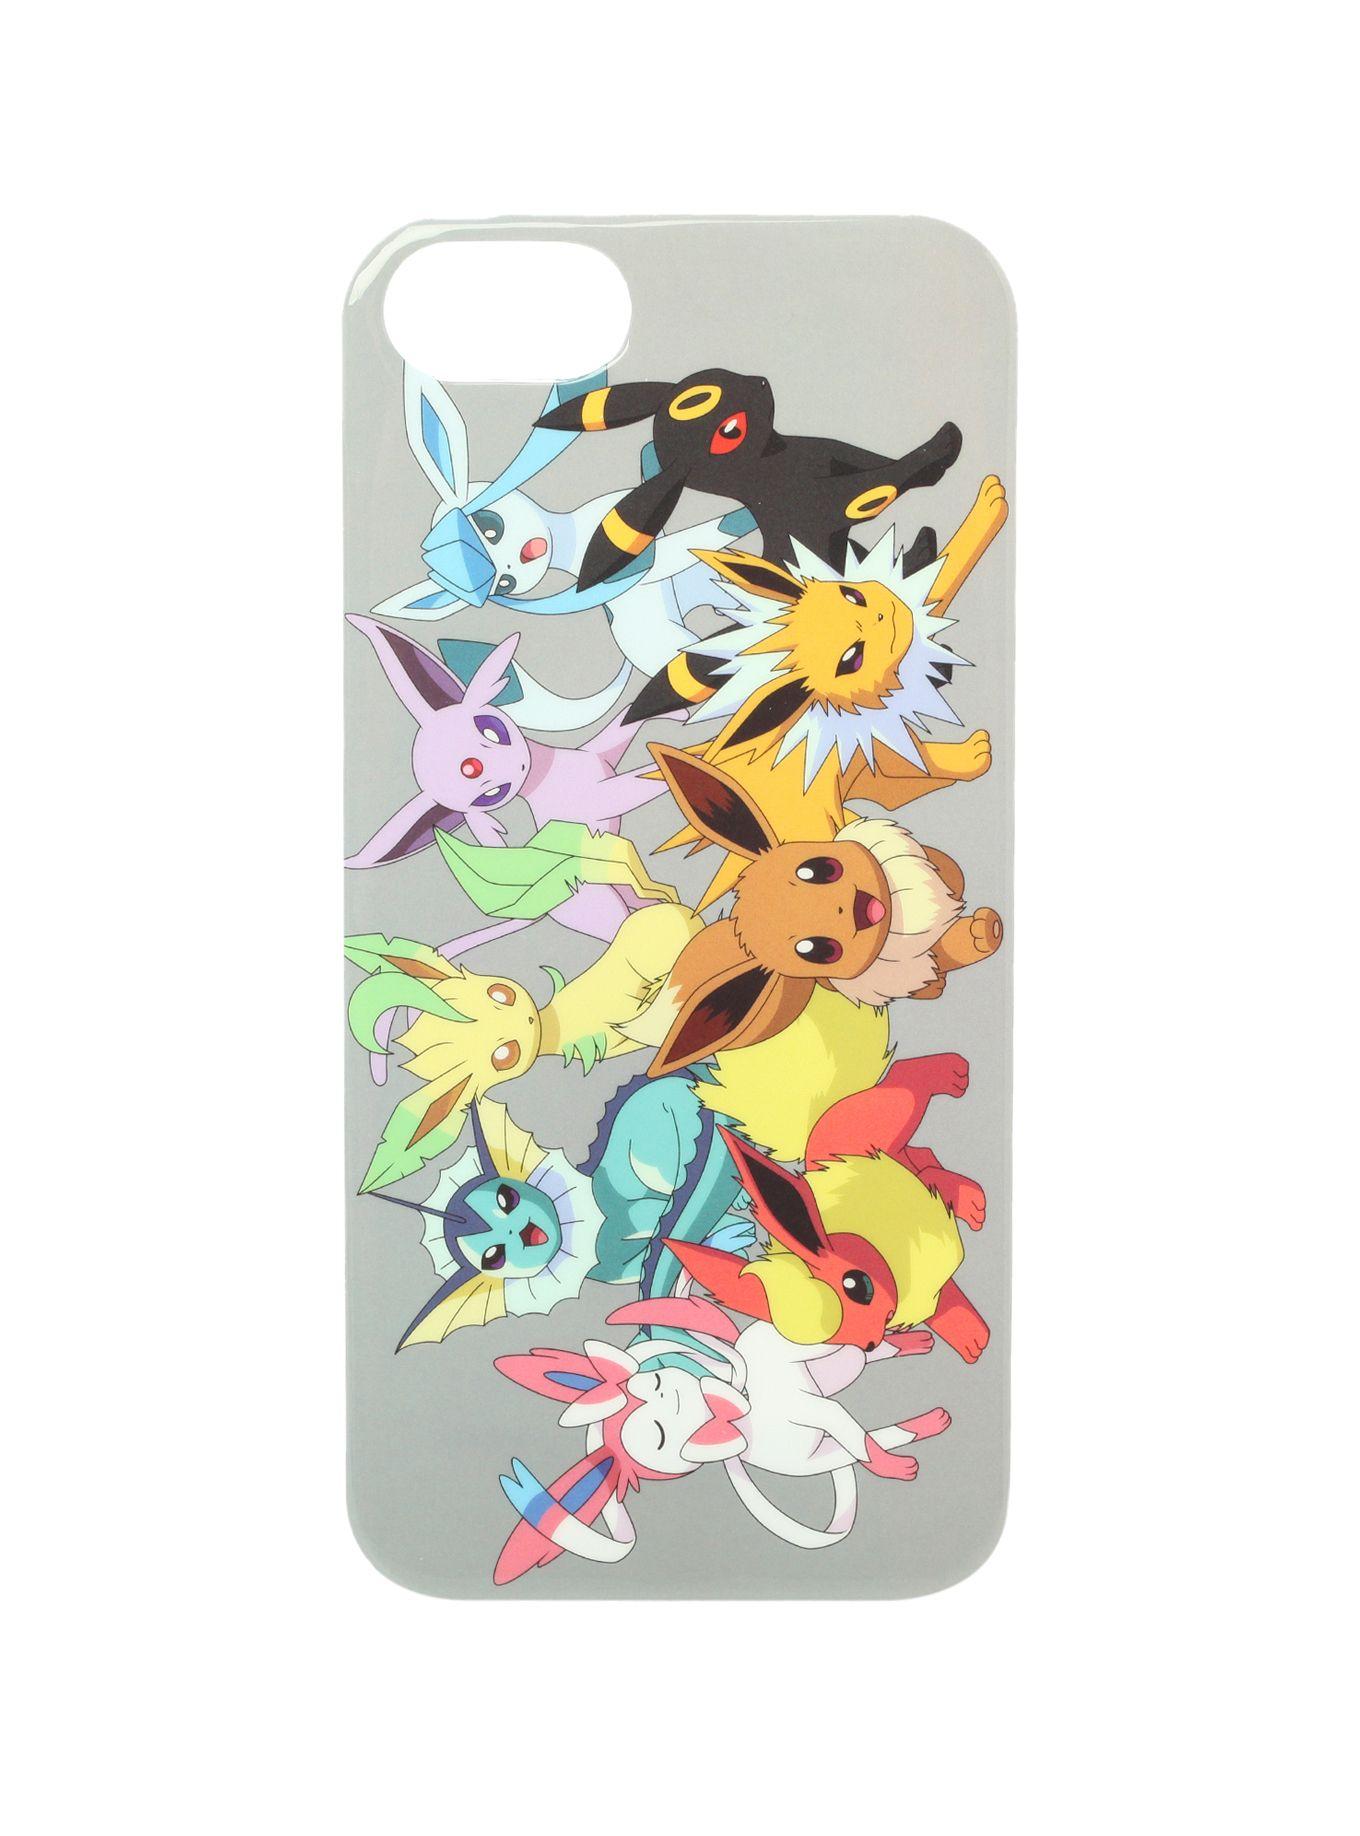 best website 1f3d7 fdba2 Pokemon Eevee Evolutions iPhone 5/5S Case | Hot Topic | Gift ideas ...